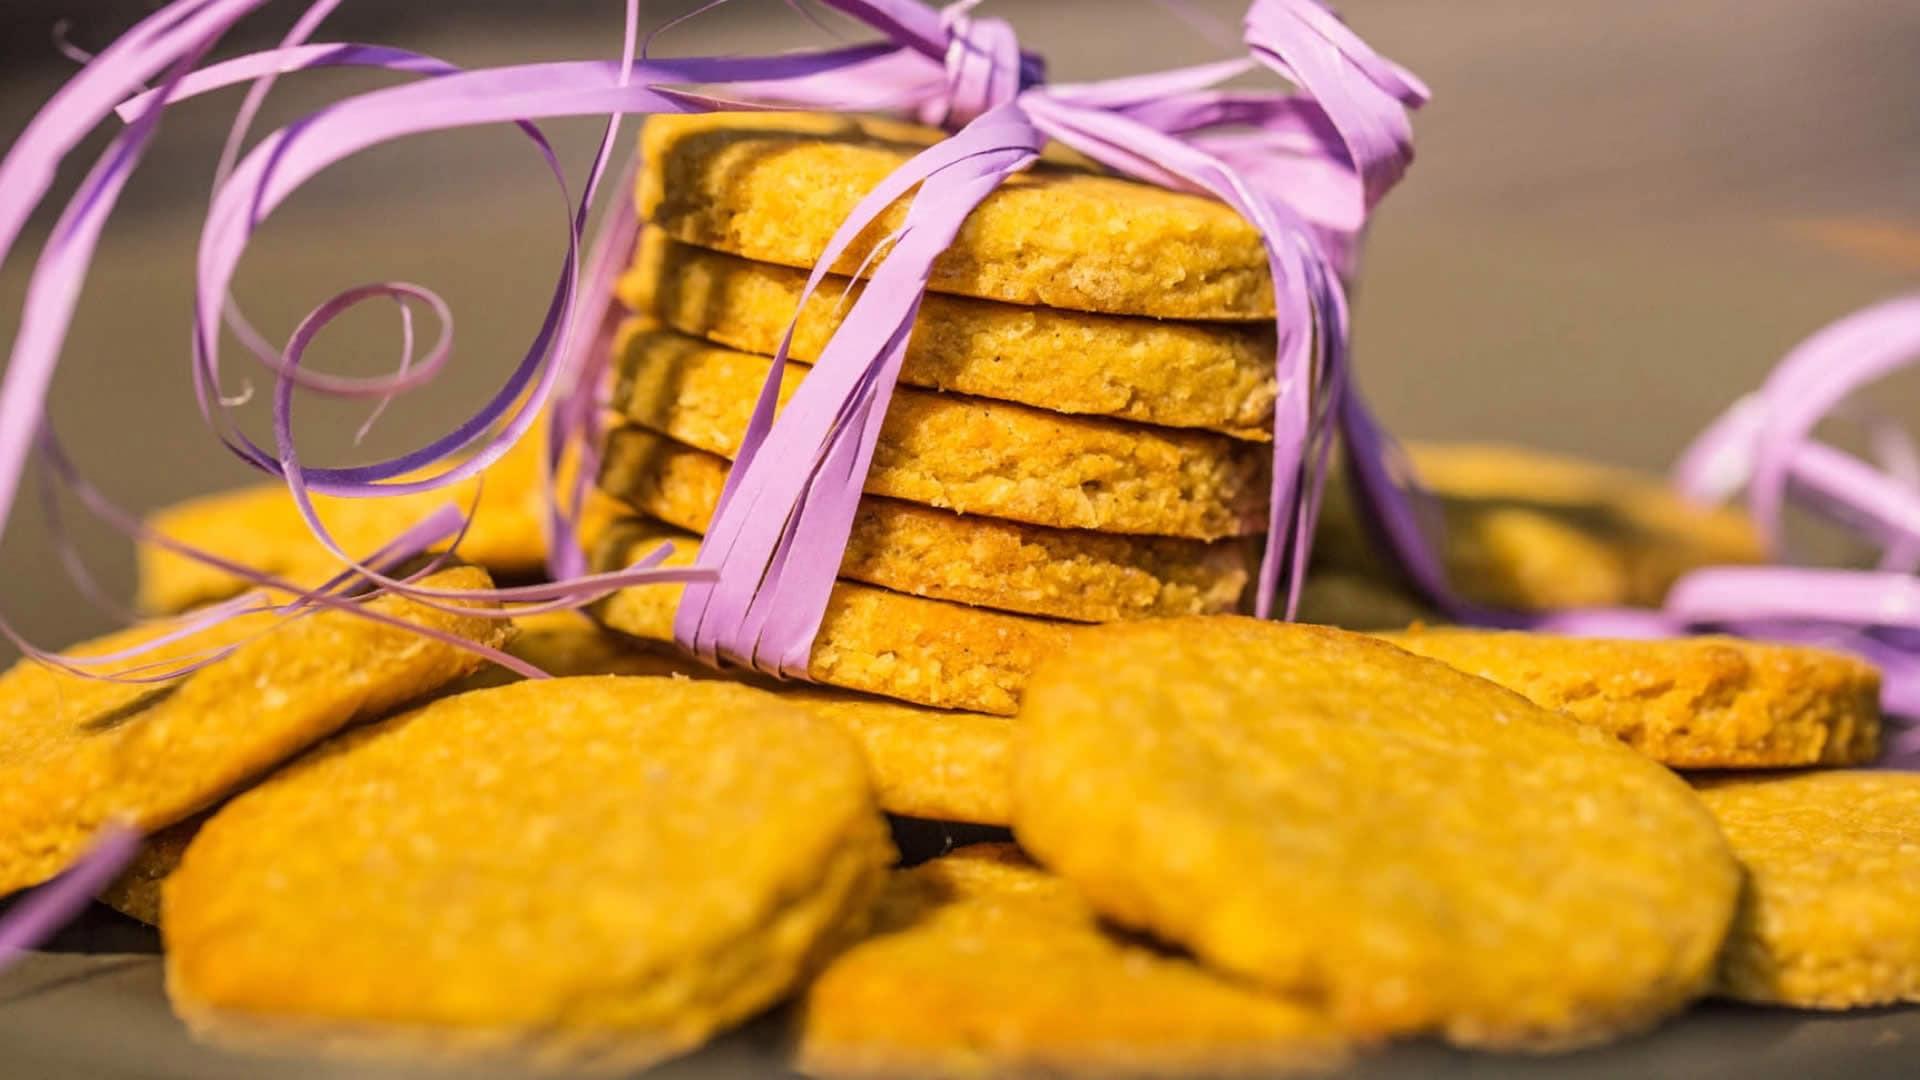 Eccezionale Biscotti Vegani con Farina di Ceci - Senza Glutine YW26